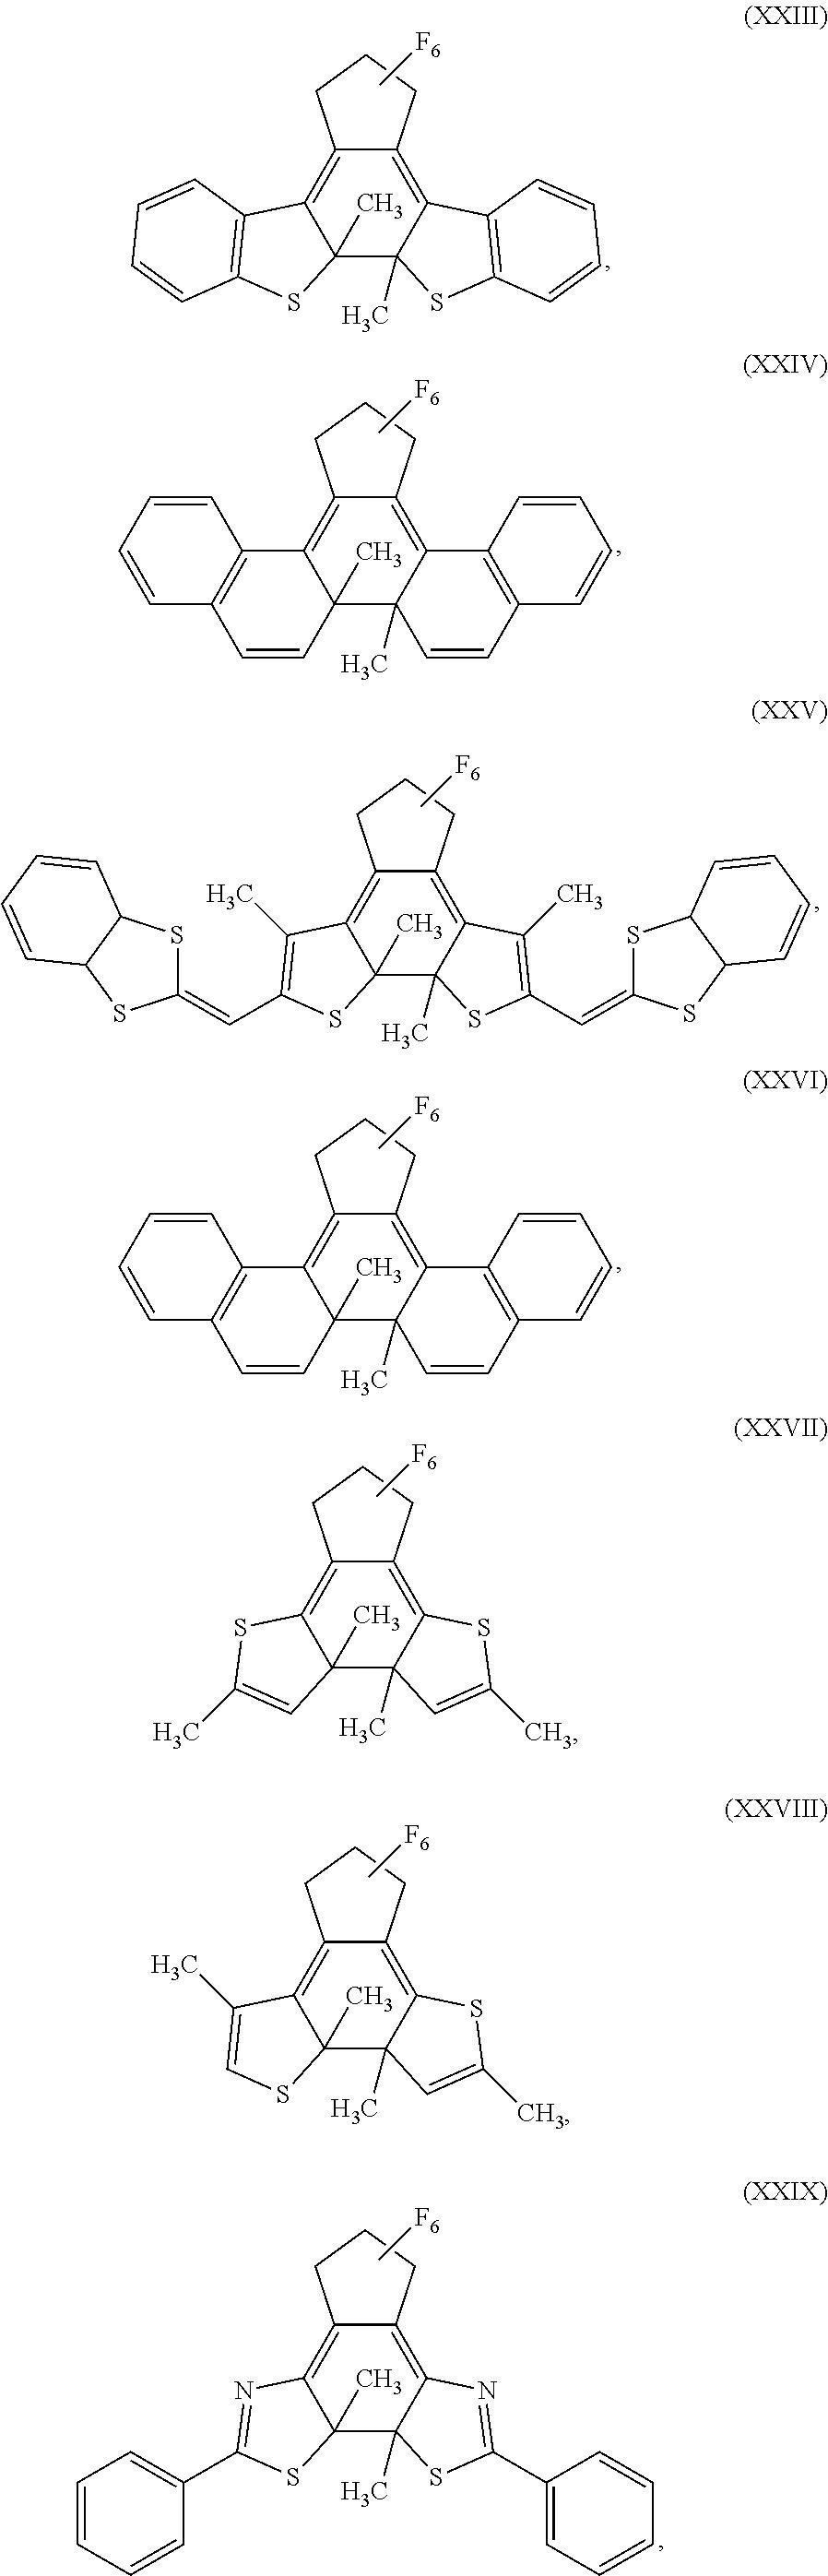 Figure US20120026564A1-20120202-C00004